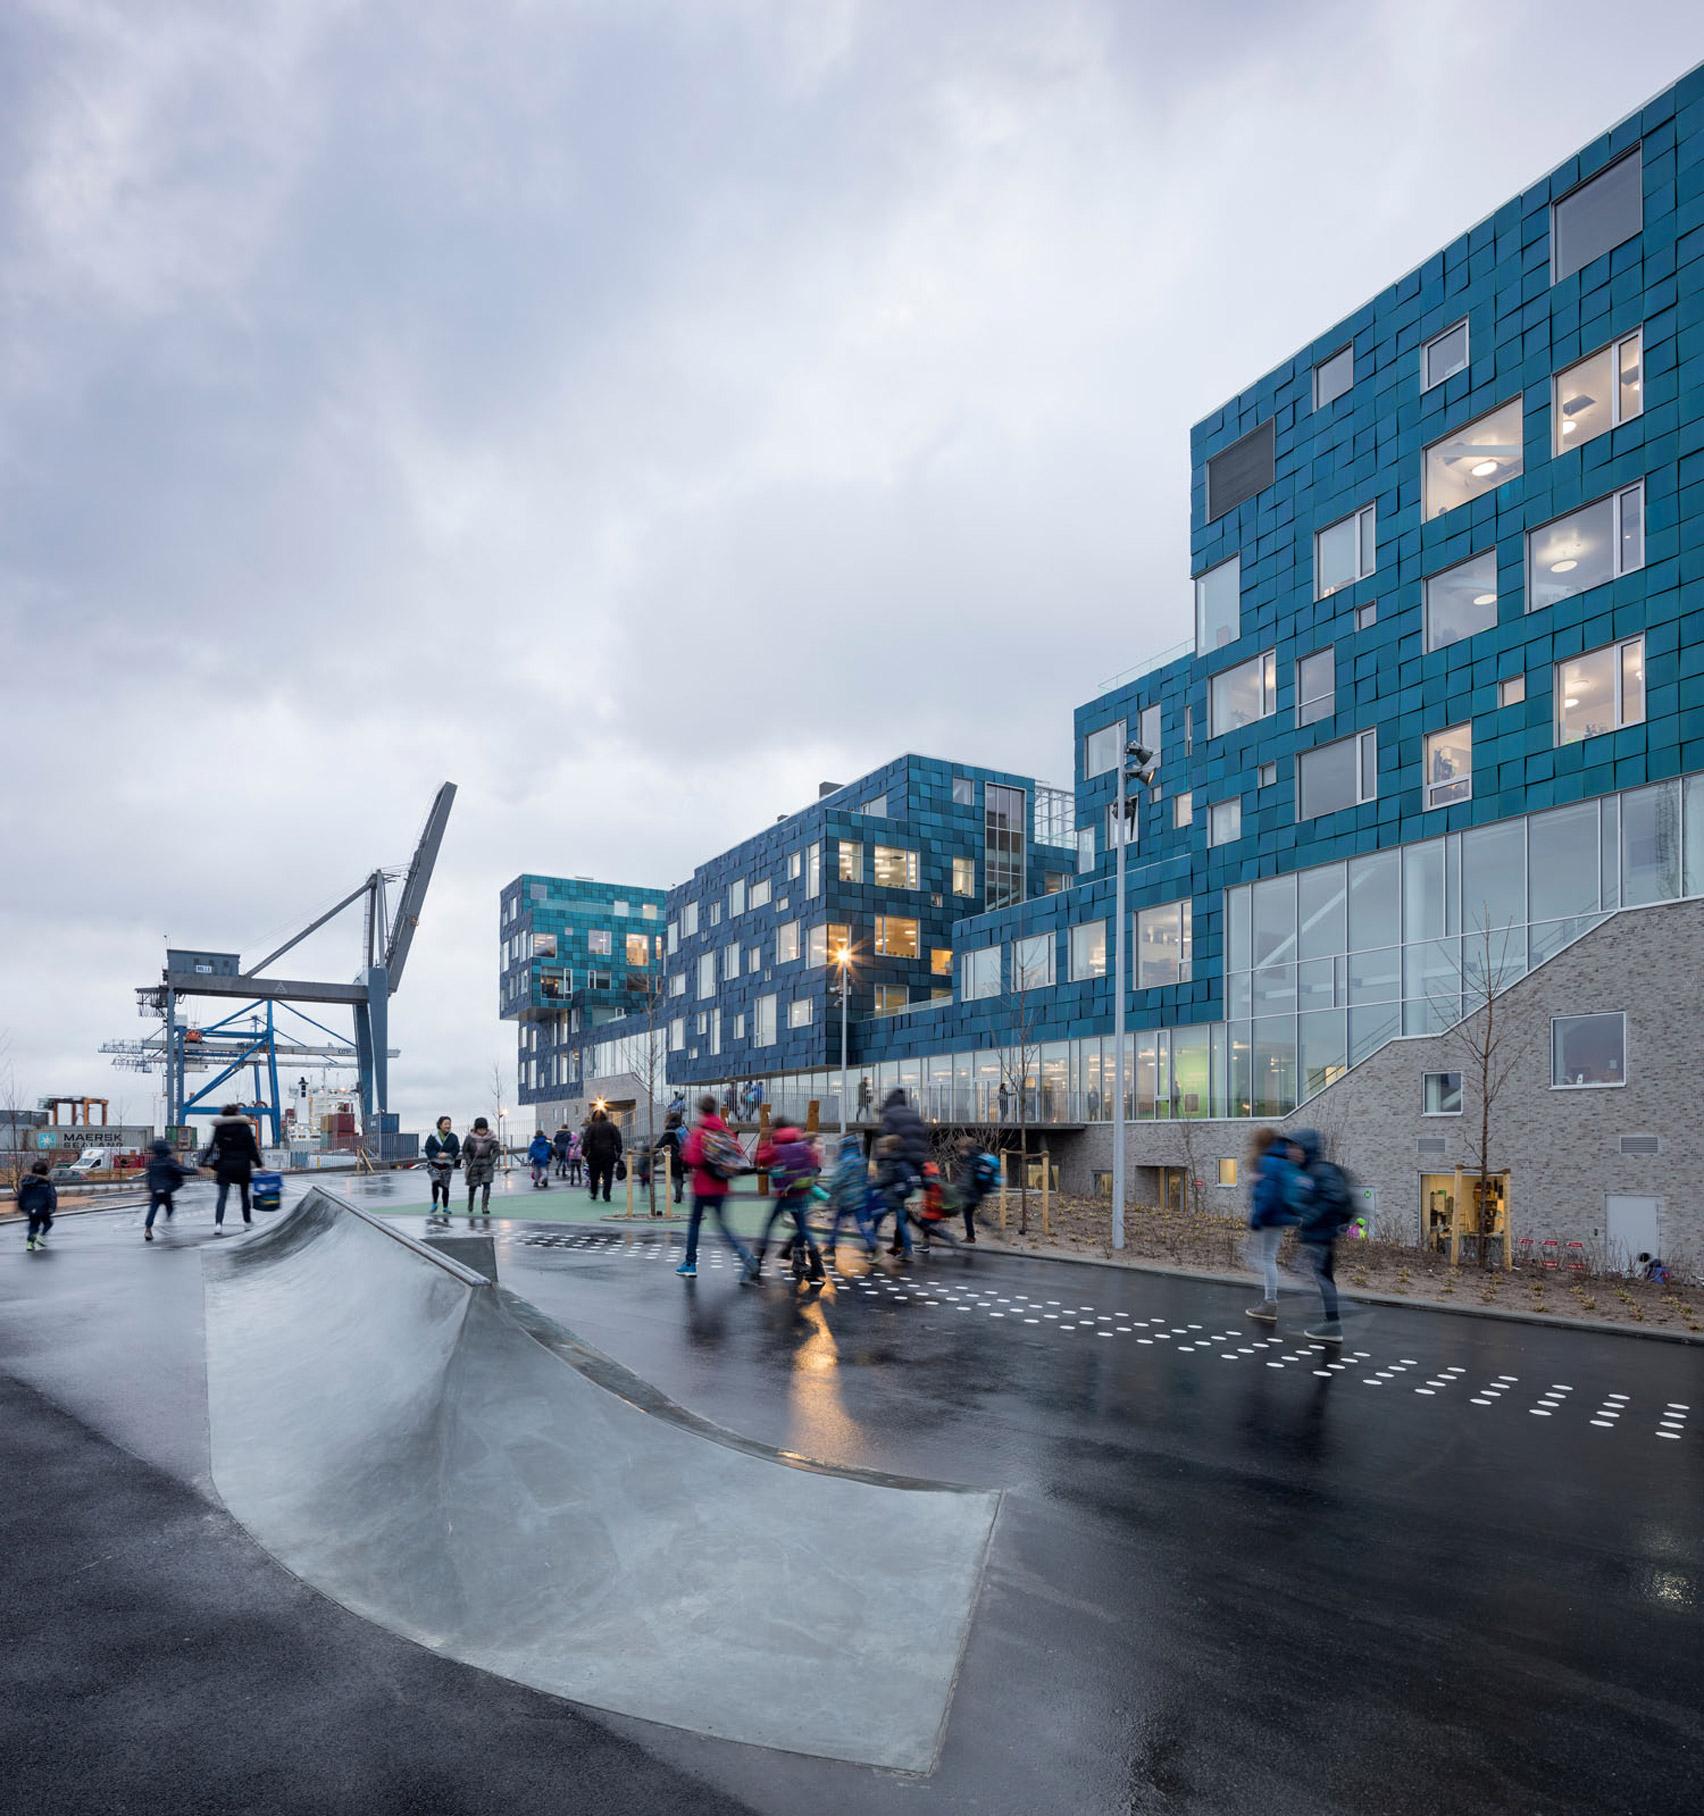 CF Møller covers Copenhagen school in 12,000 solar panels